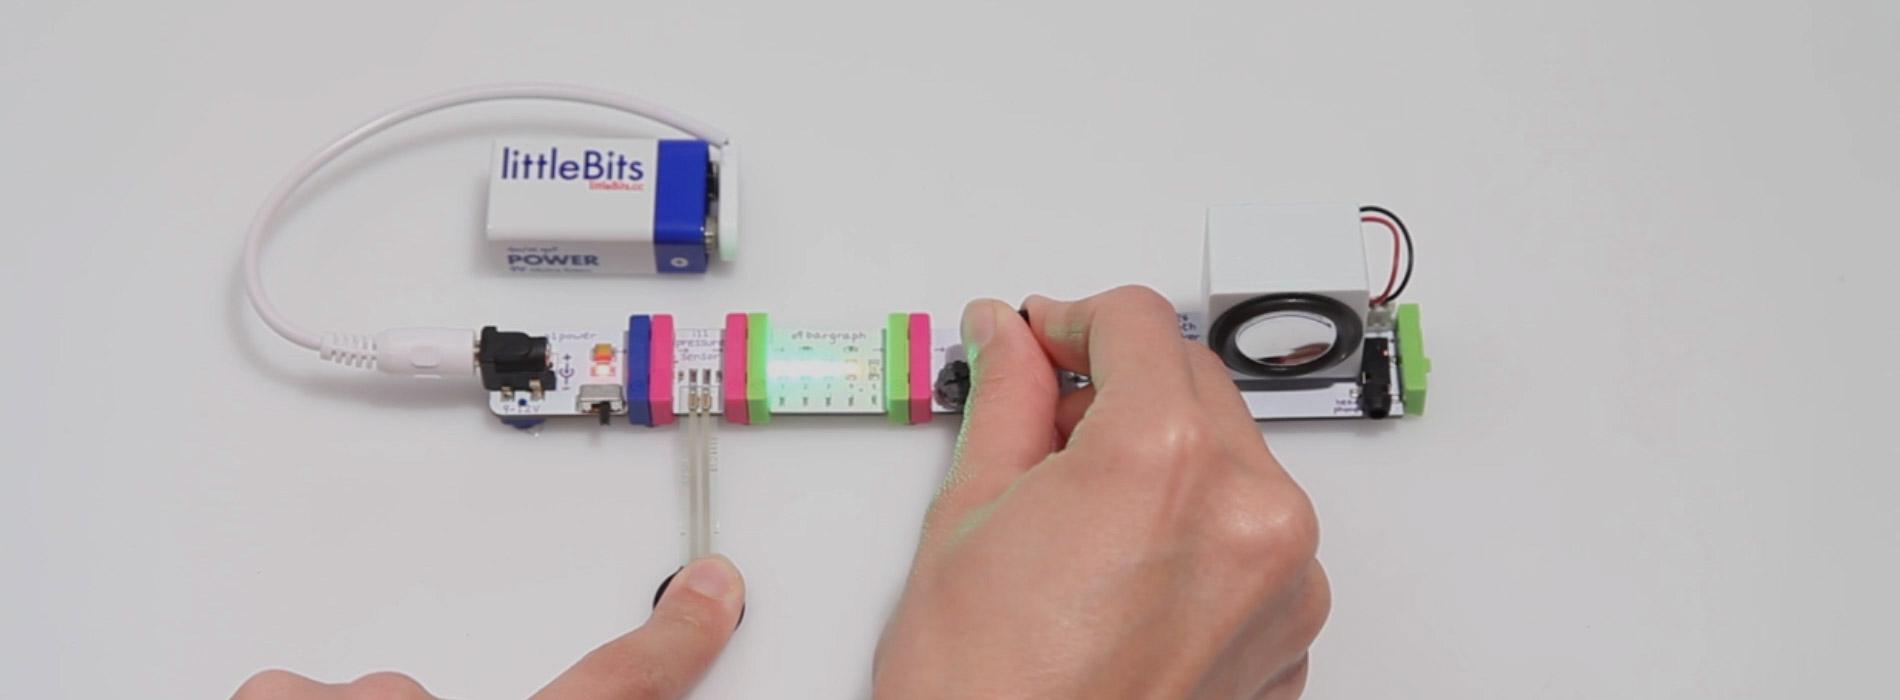 Circuit électronique composés de littlebits